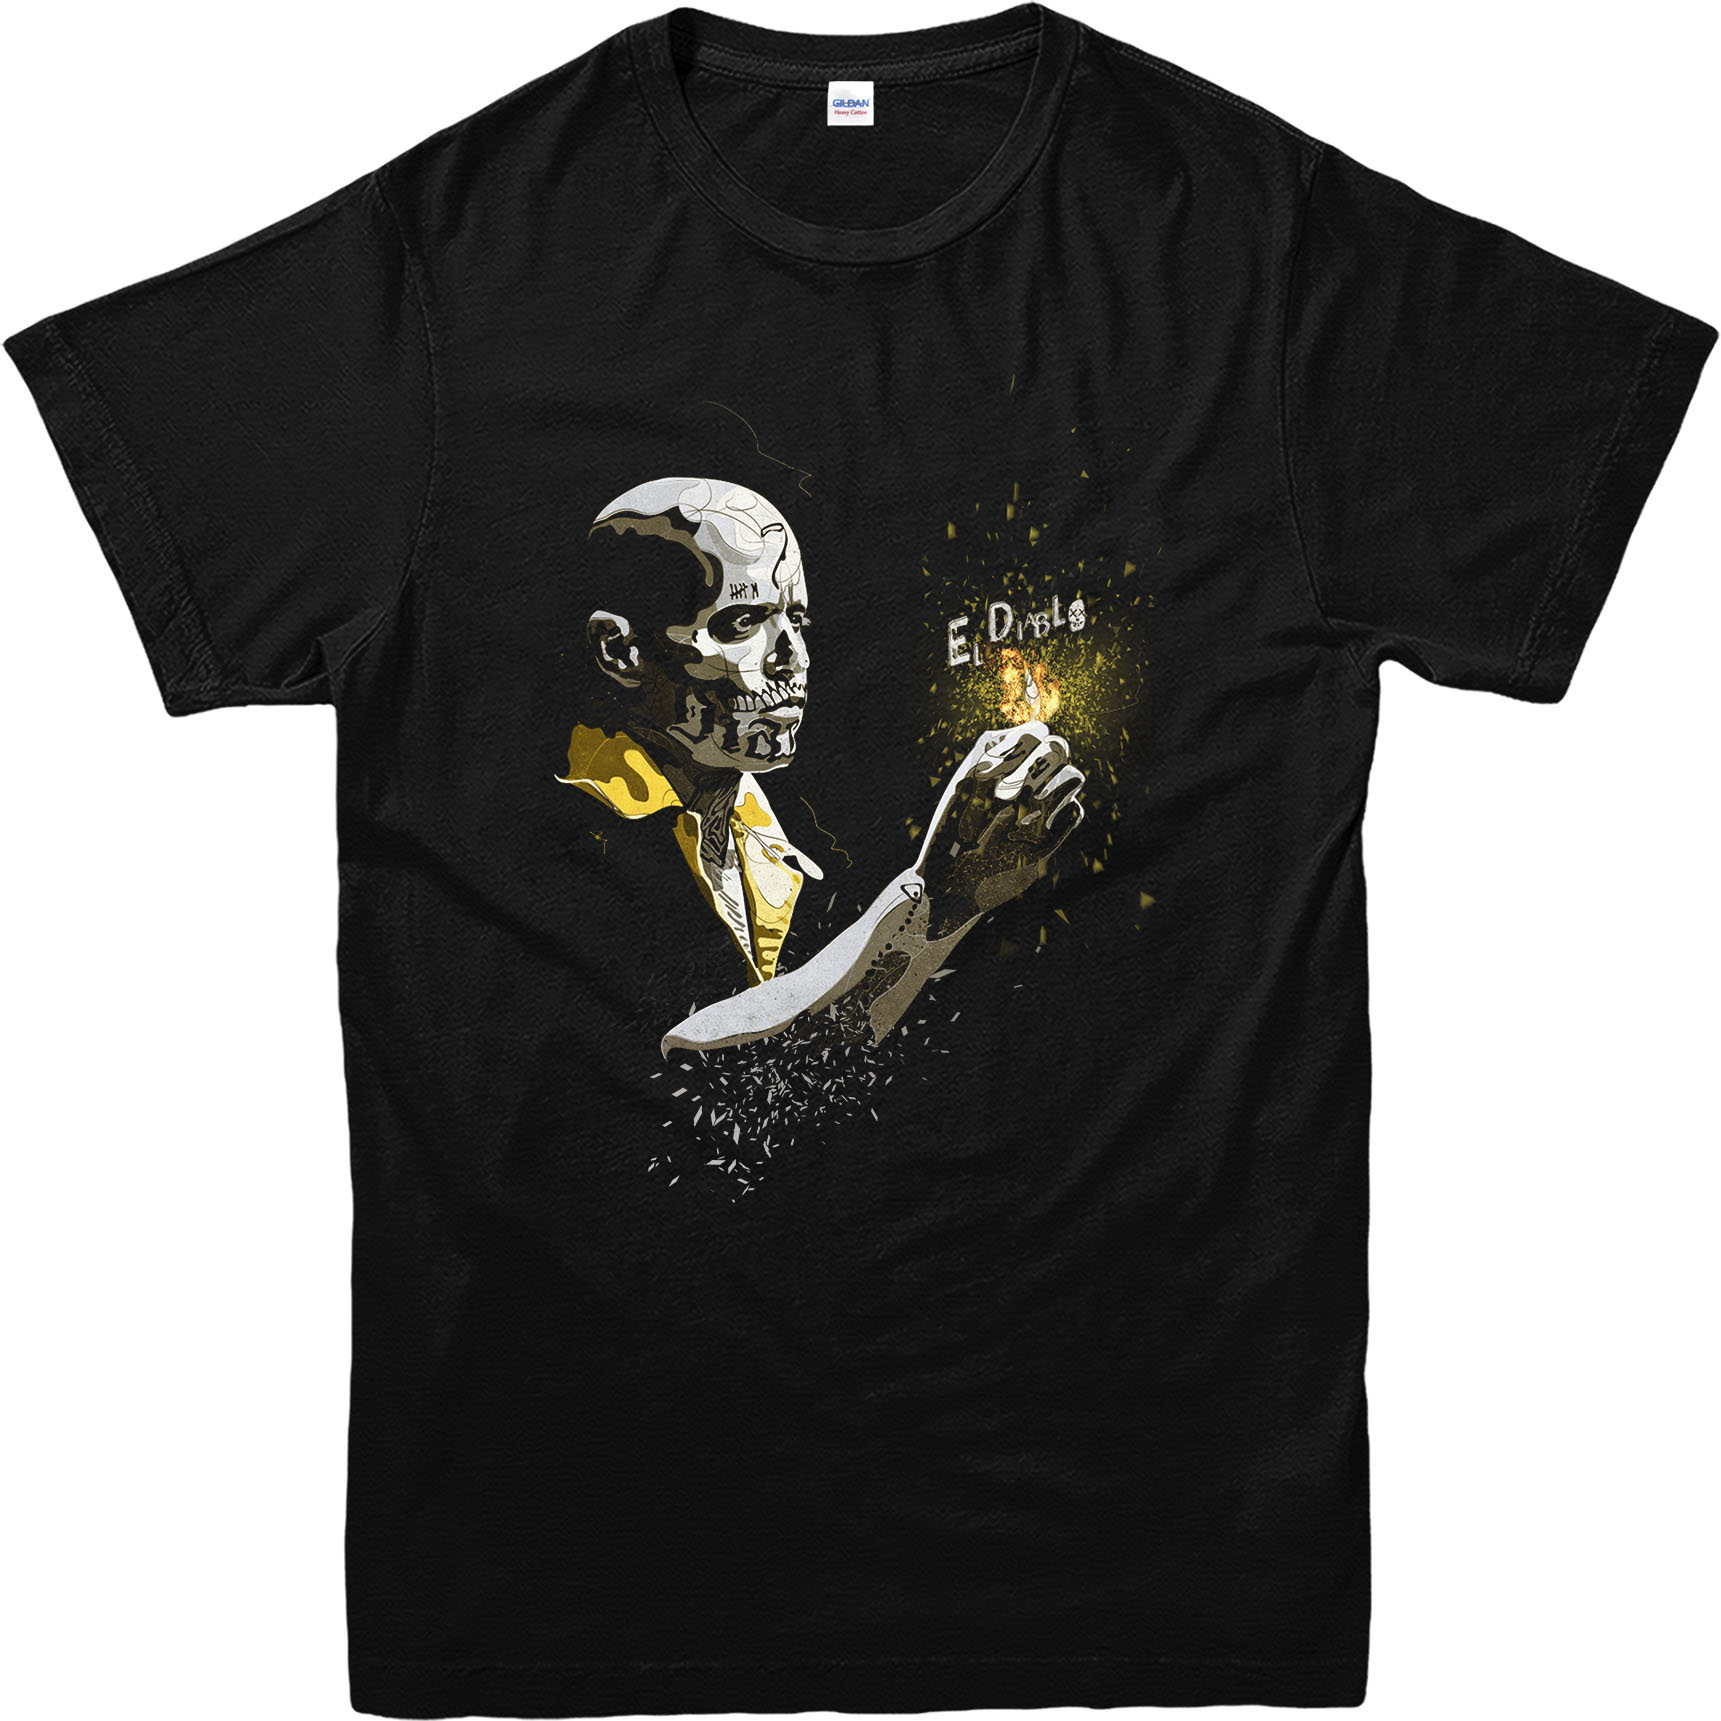 Suicide squad t shirt el diablo dc comics t shirt for Dc t shirt design